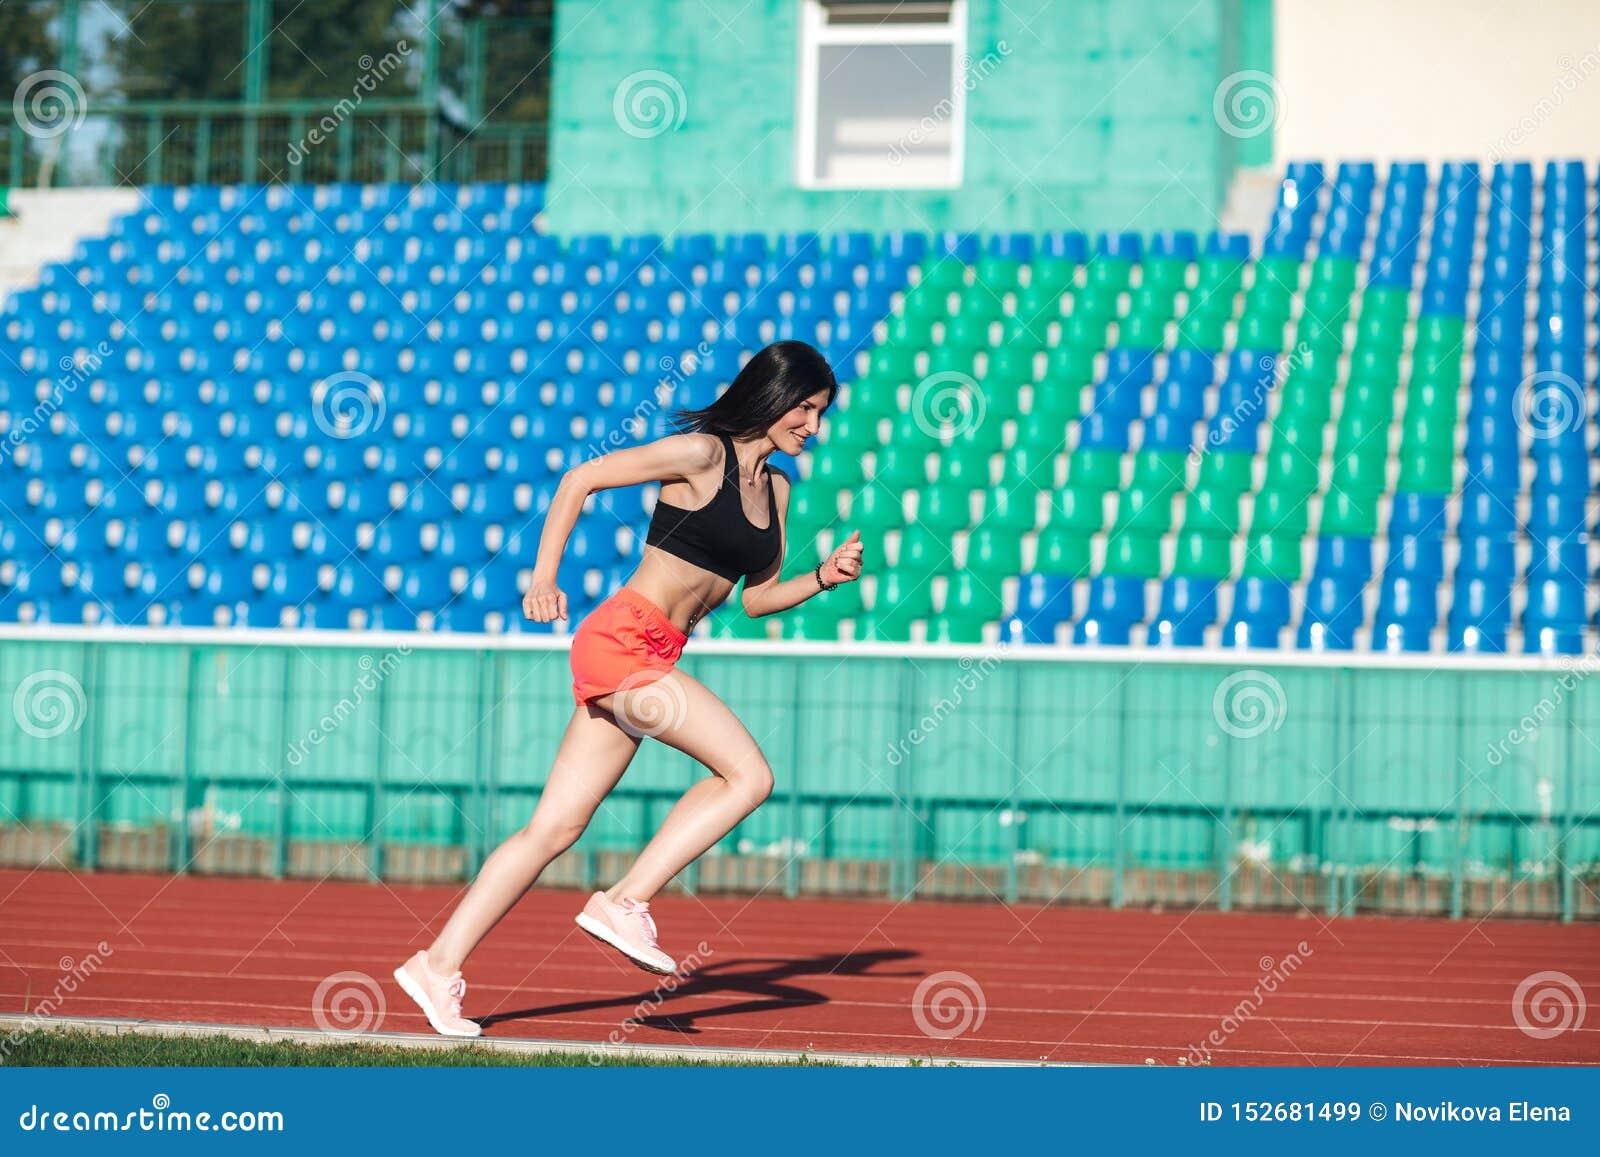 La giovane donna castana sportiva in rosa mette e canottiera sportiva che corre allo stadio Stile di vita attivo sano Attivit? di